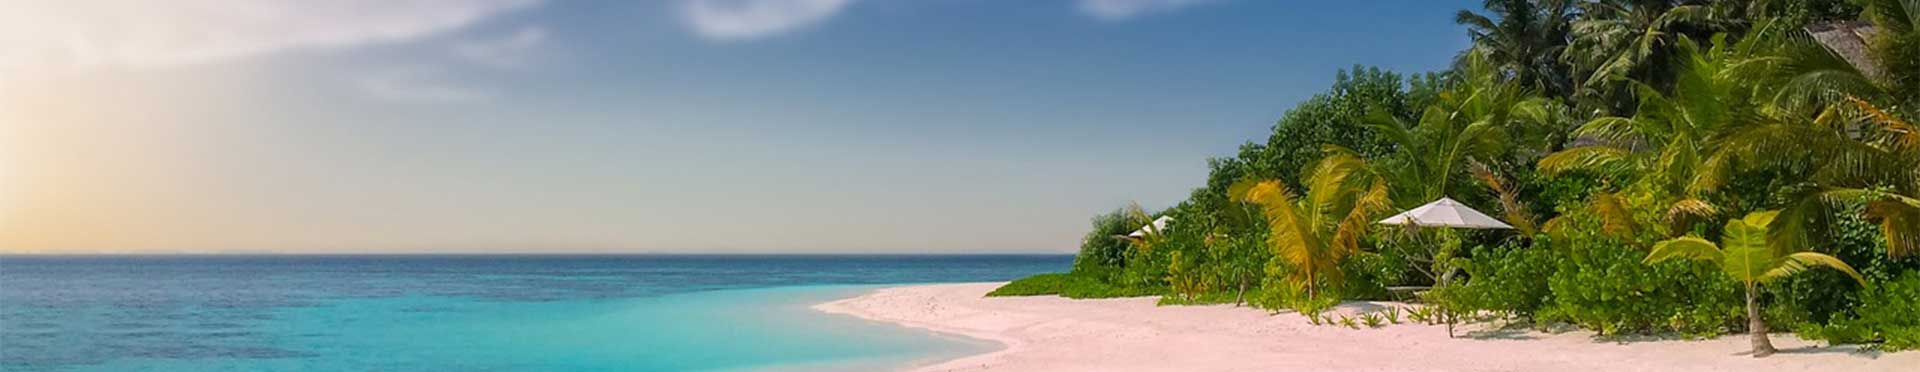 Consecución de Q de calidad turística en zonas costeras